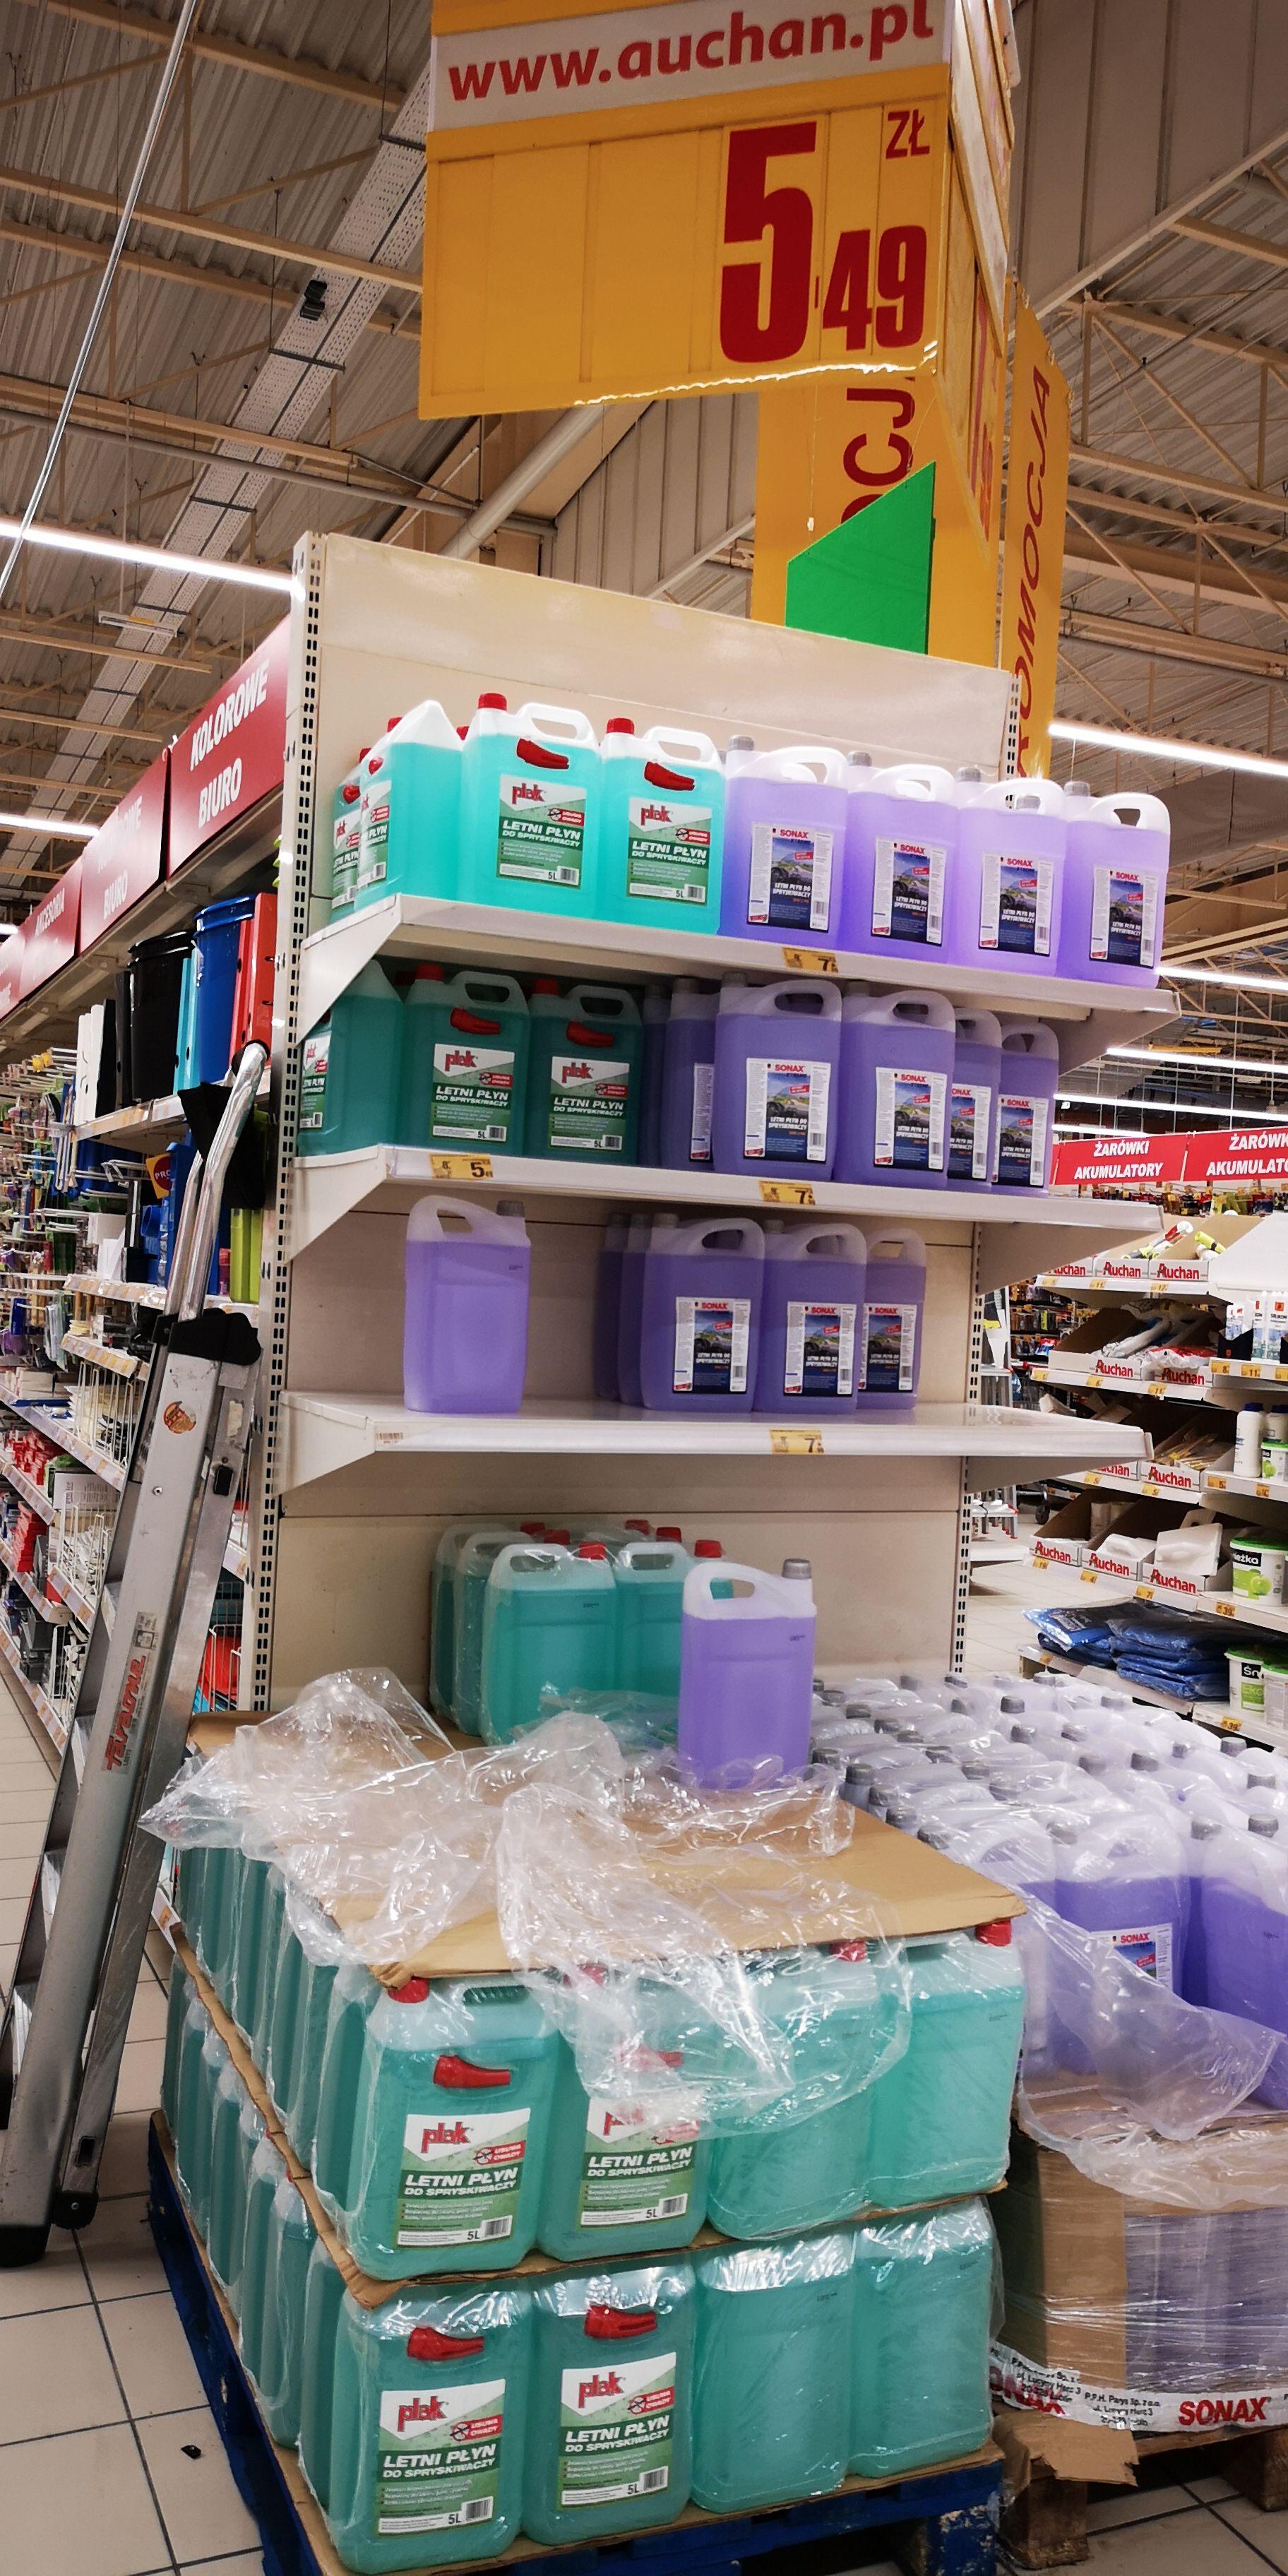 Letni płyn do spryskiwaczy Plak 5l Auchan Bydgoszcz Fordon